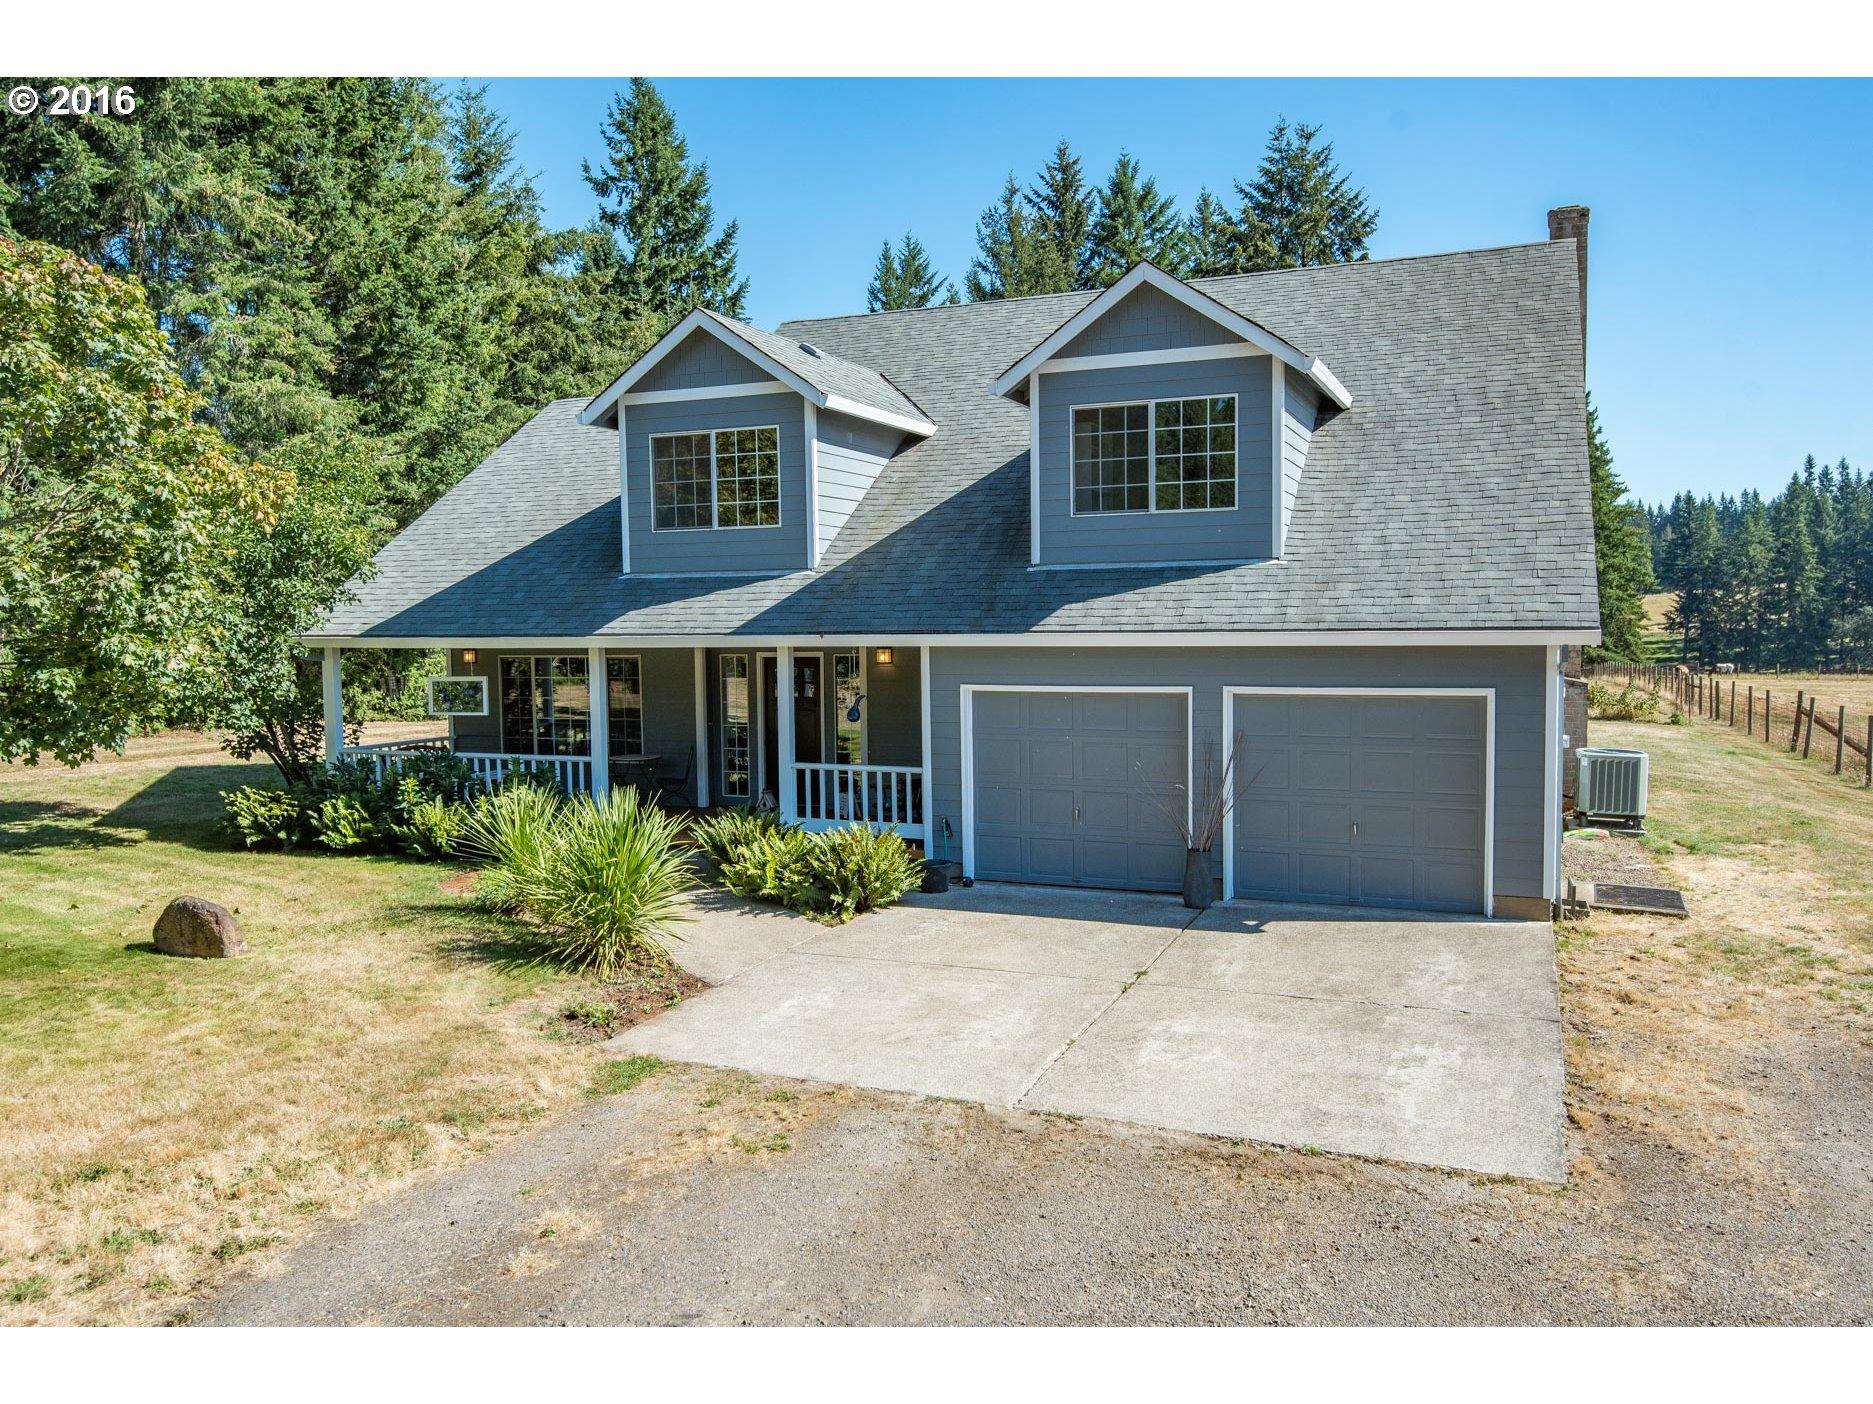 $550,000 - 3Br/3Ba -  for Sale in Beavercreek